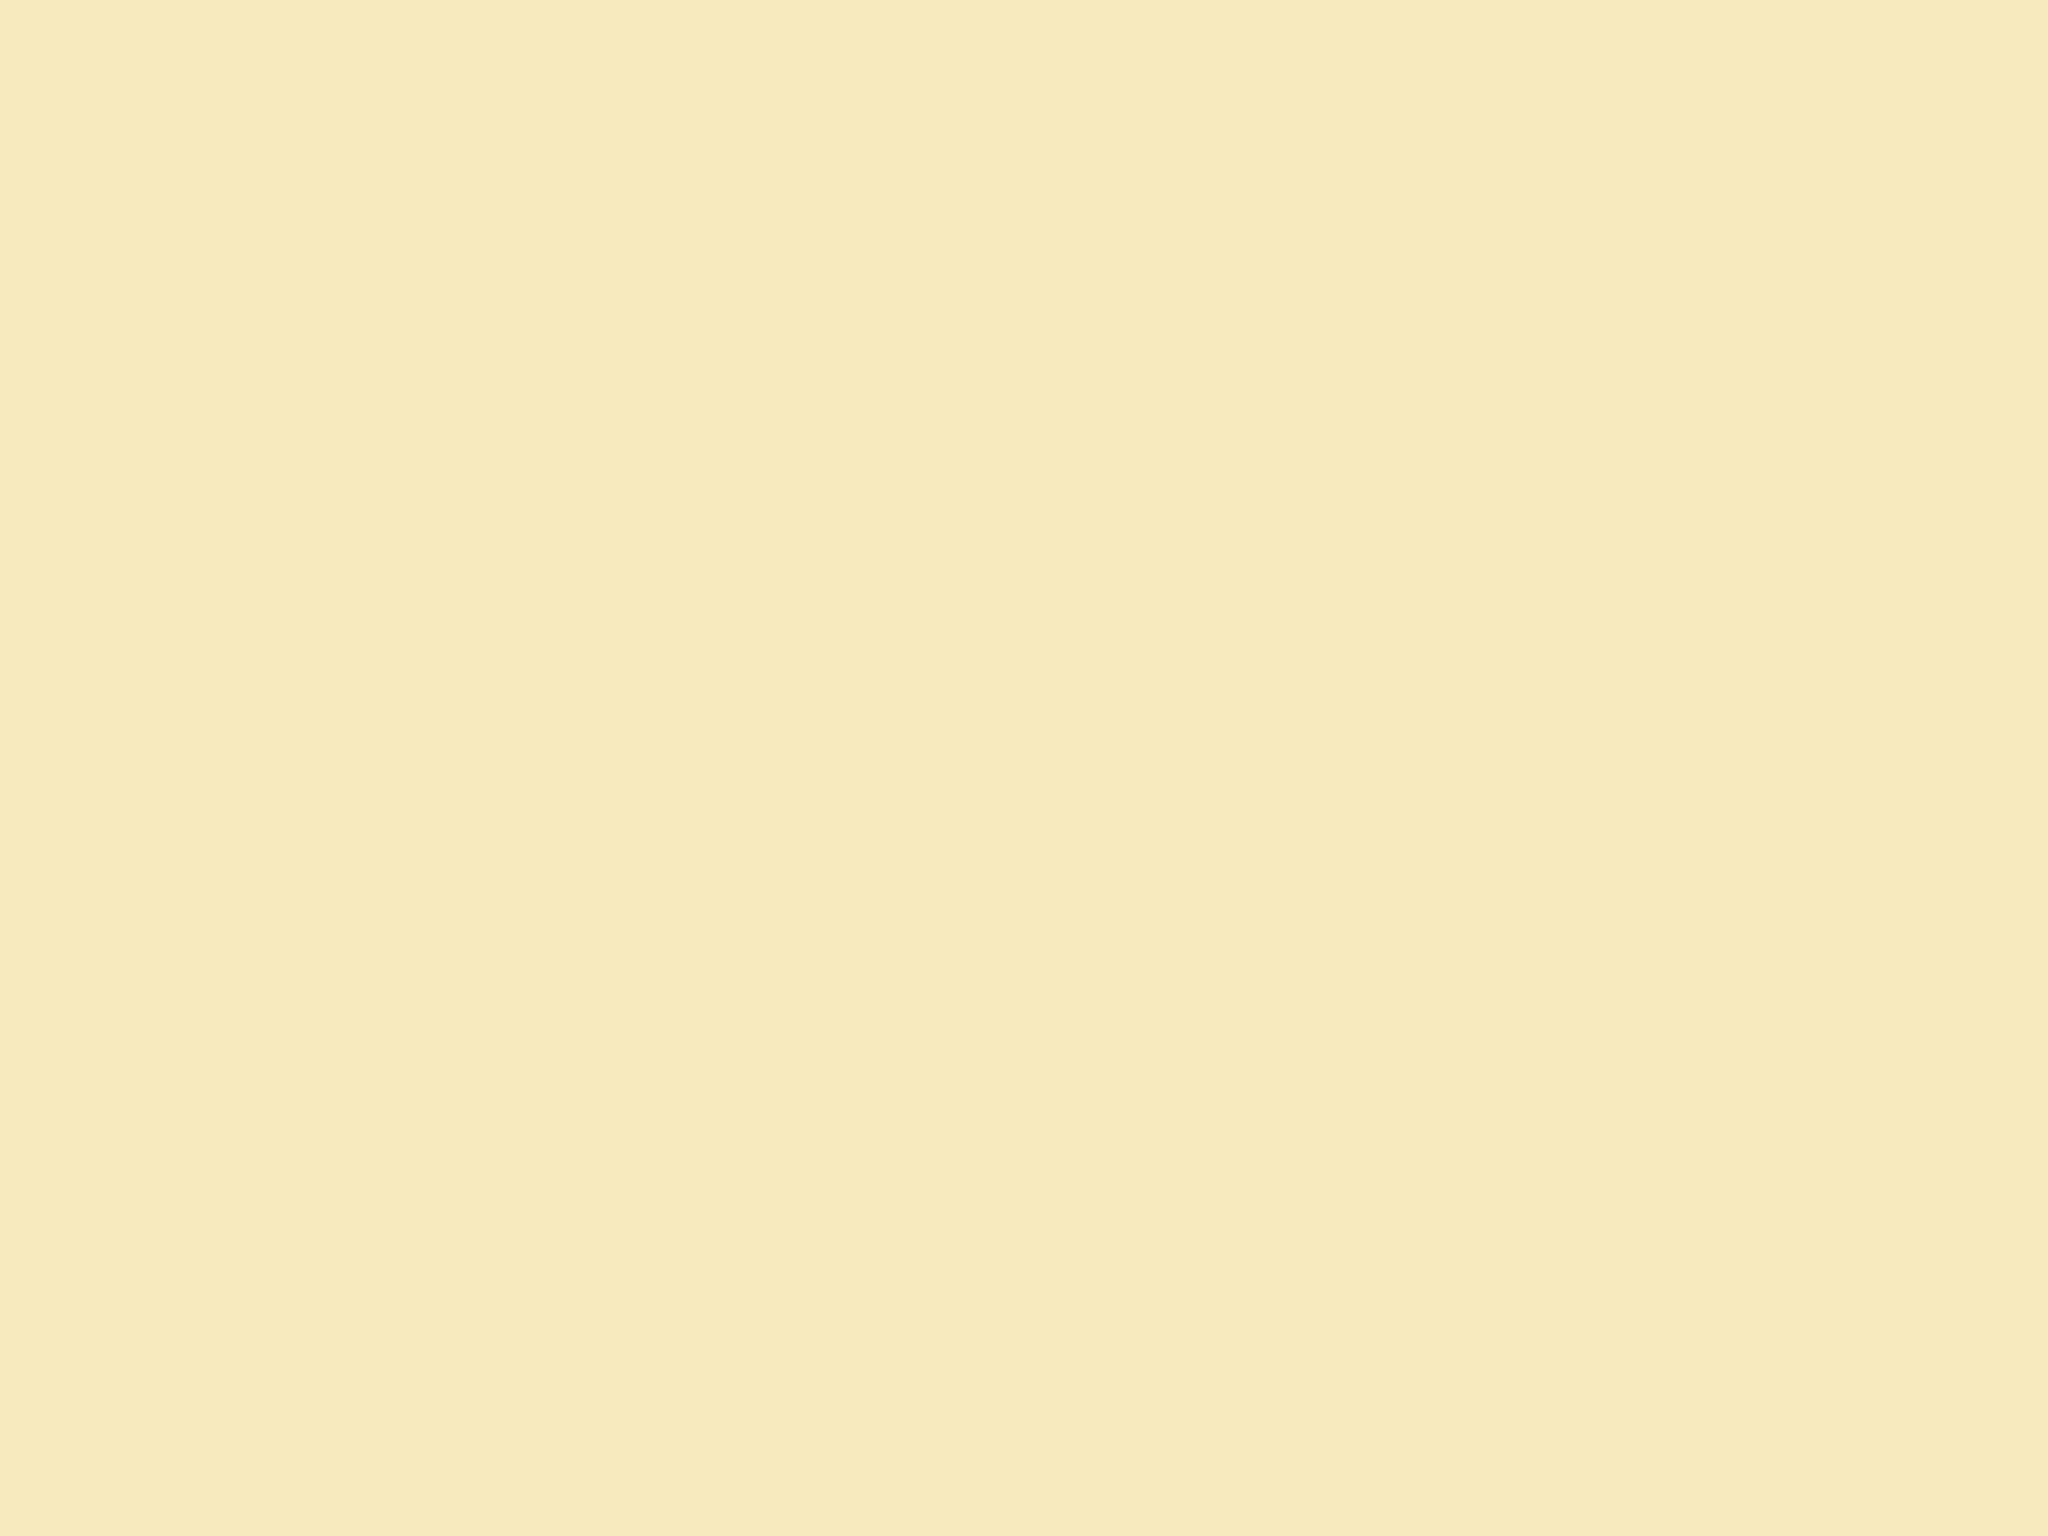 2048x1536 Lemon Meringue Solid Color Background